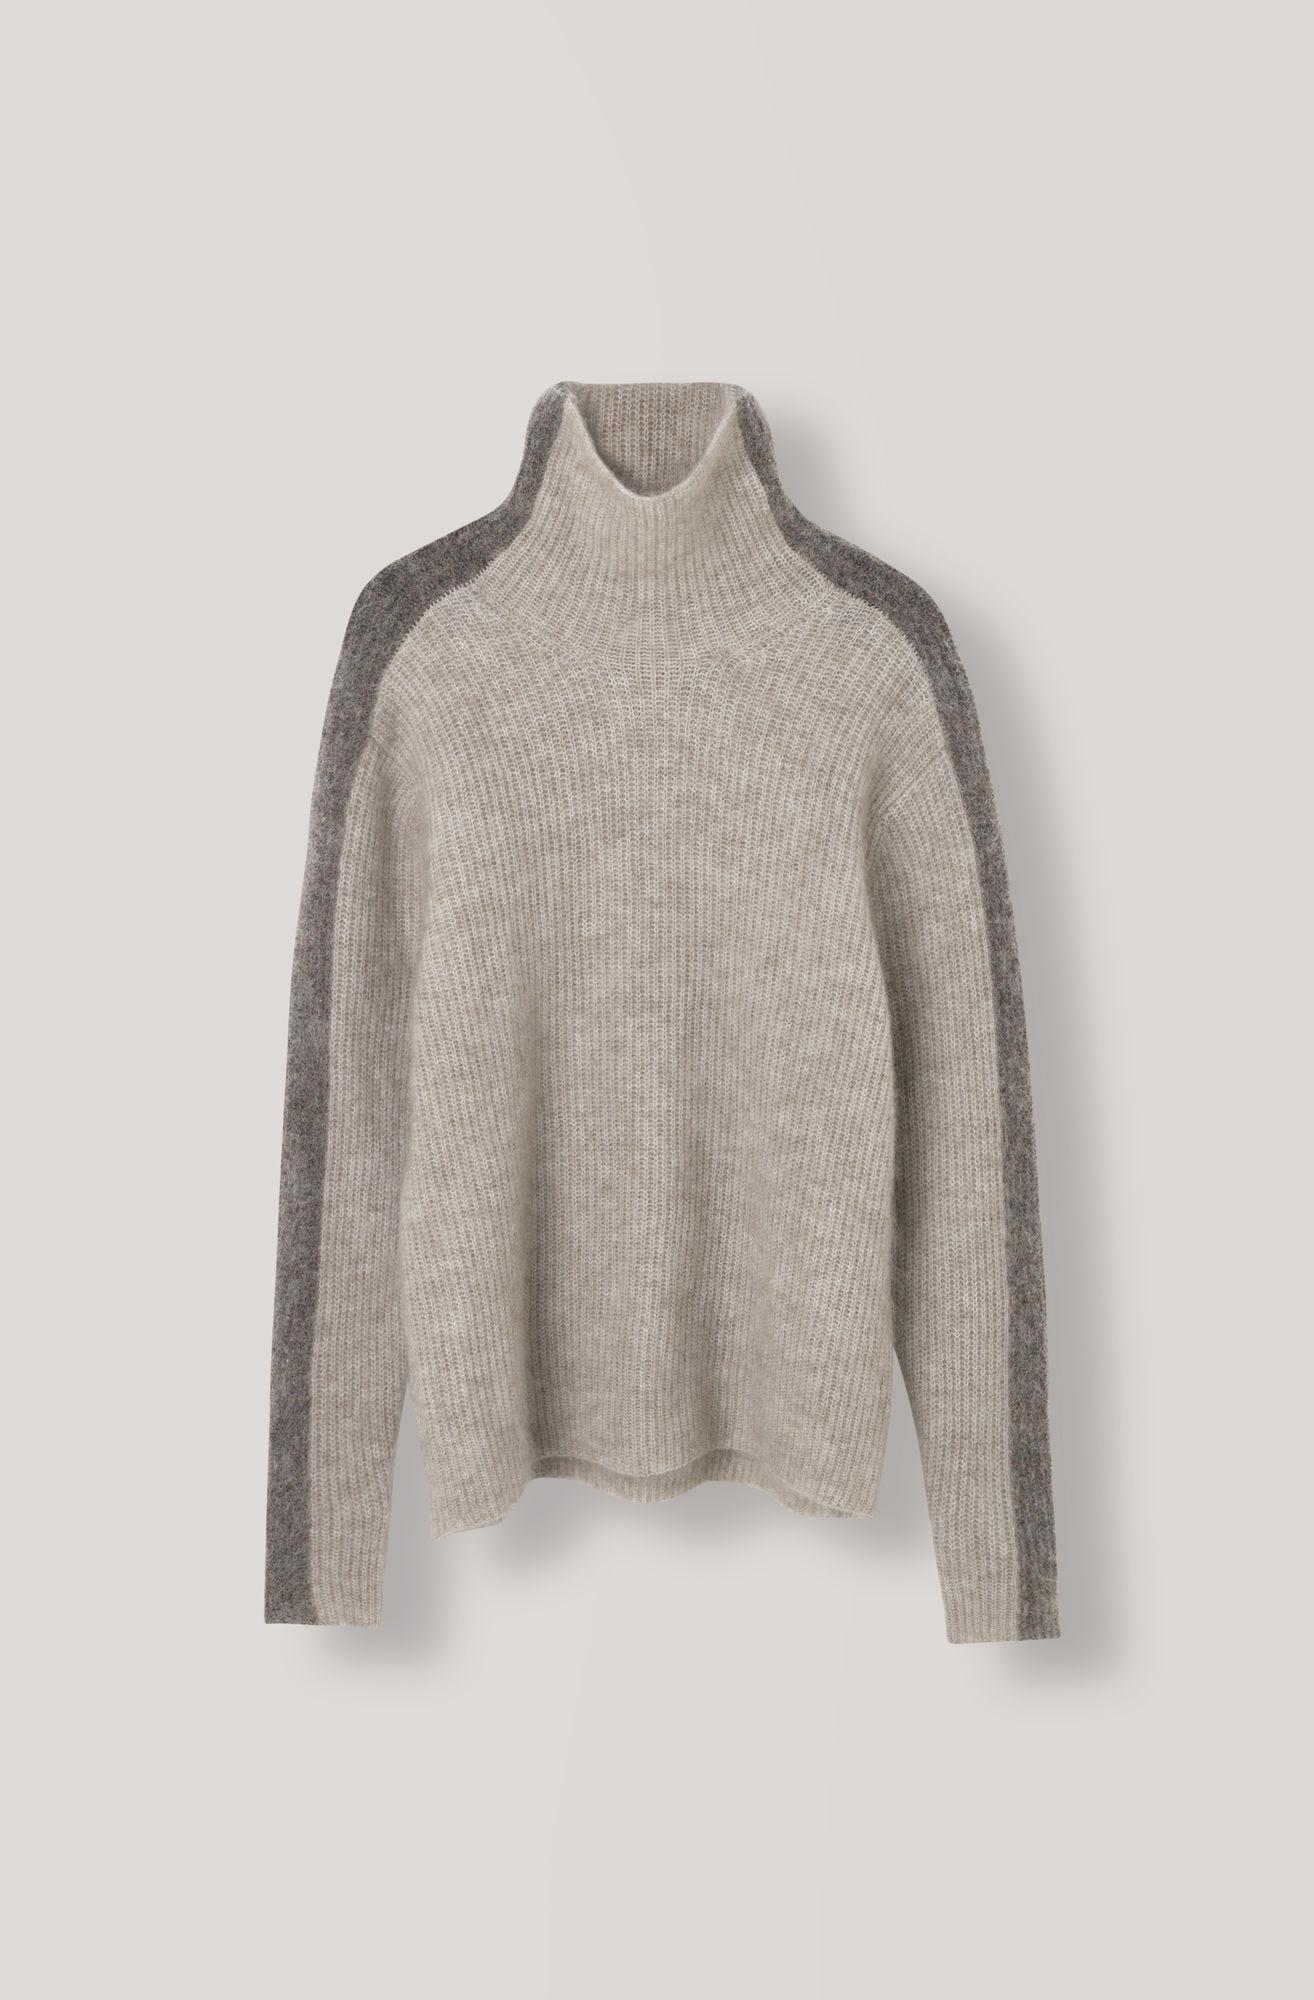 Ganni EVANGELISTA rollneck Knit